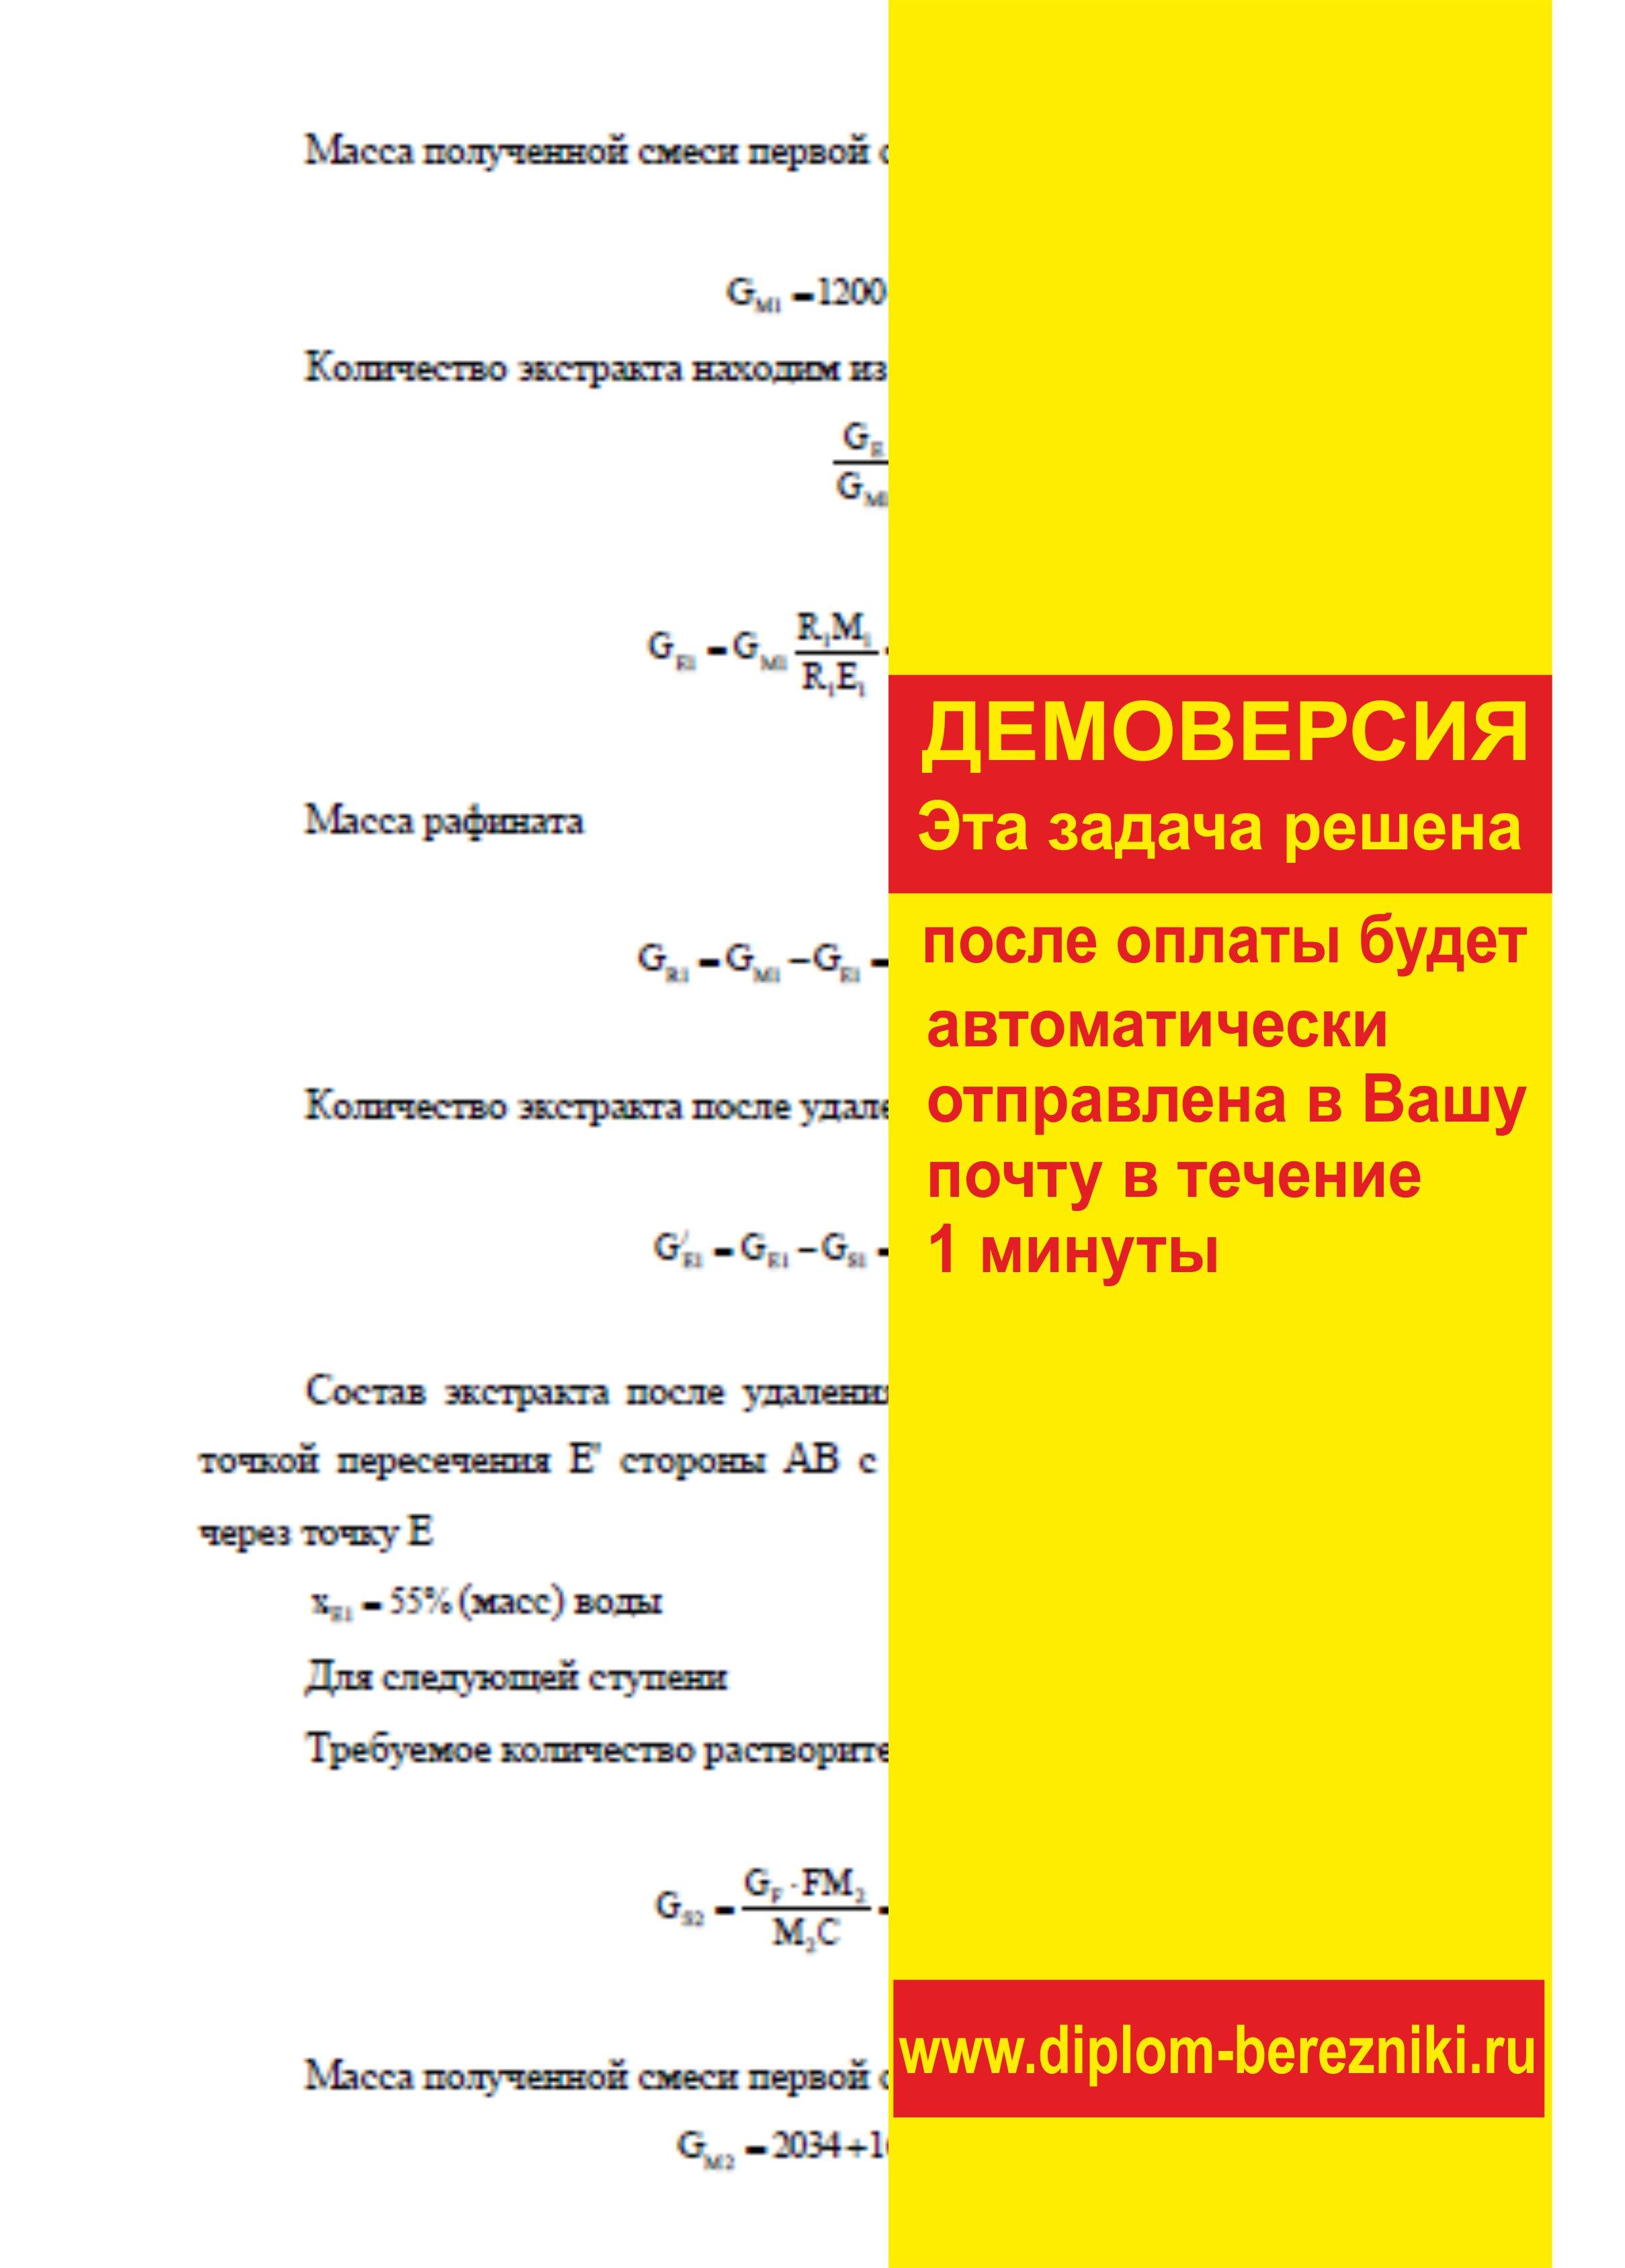 Решение задачи 8.3 по ПАХТ из задачника Павлова Романкова Носкова